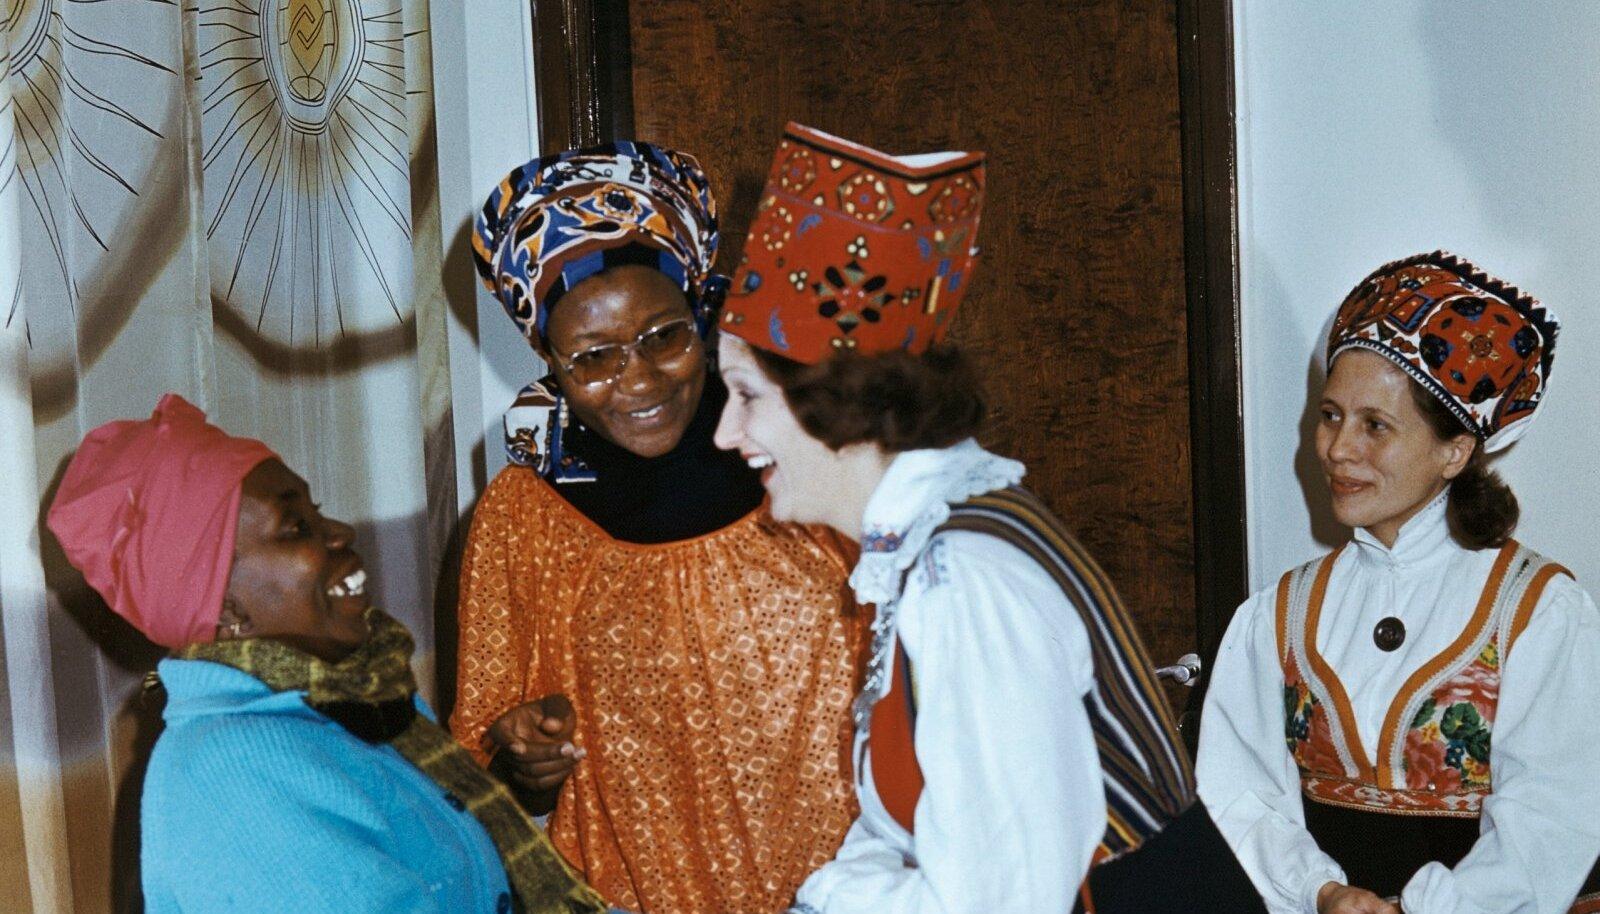 Tansaania ja Eesti naiste kohtumine aastal 1977.